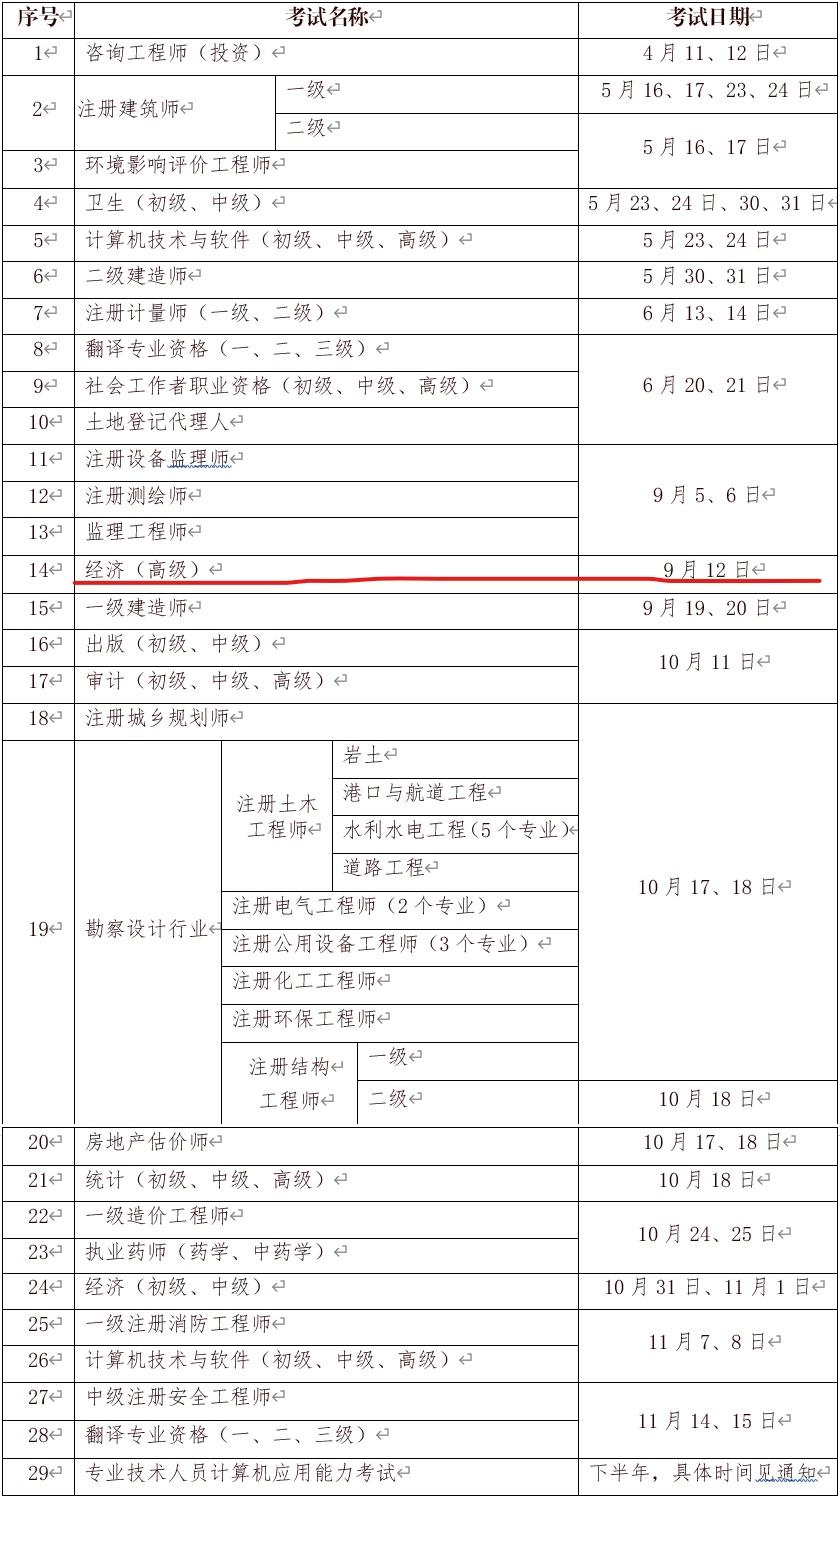 寧夏人事考試中心:2020年高級經濟師考試時間9月12日